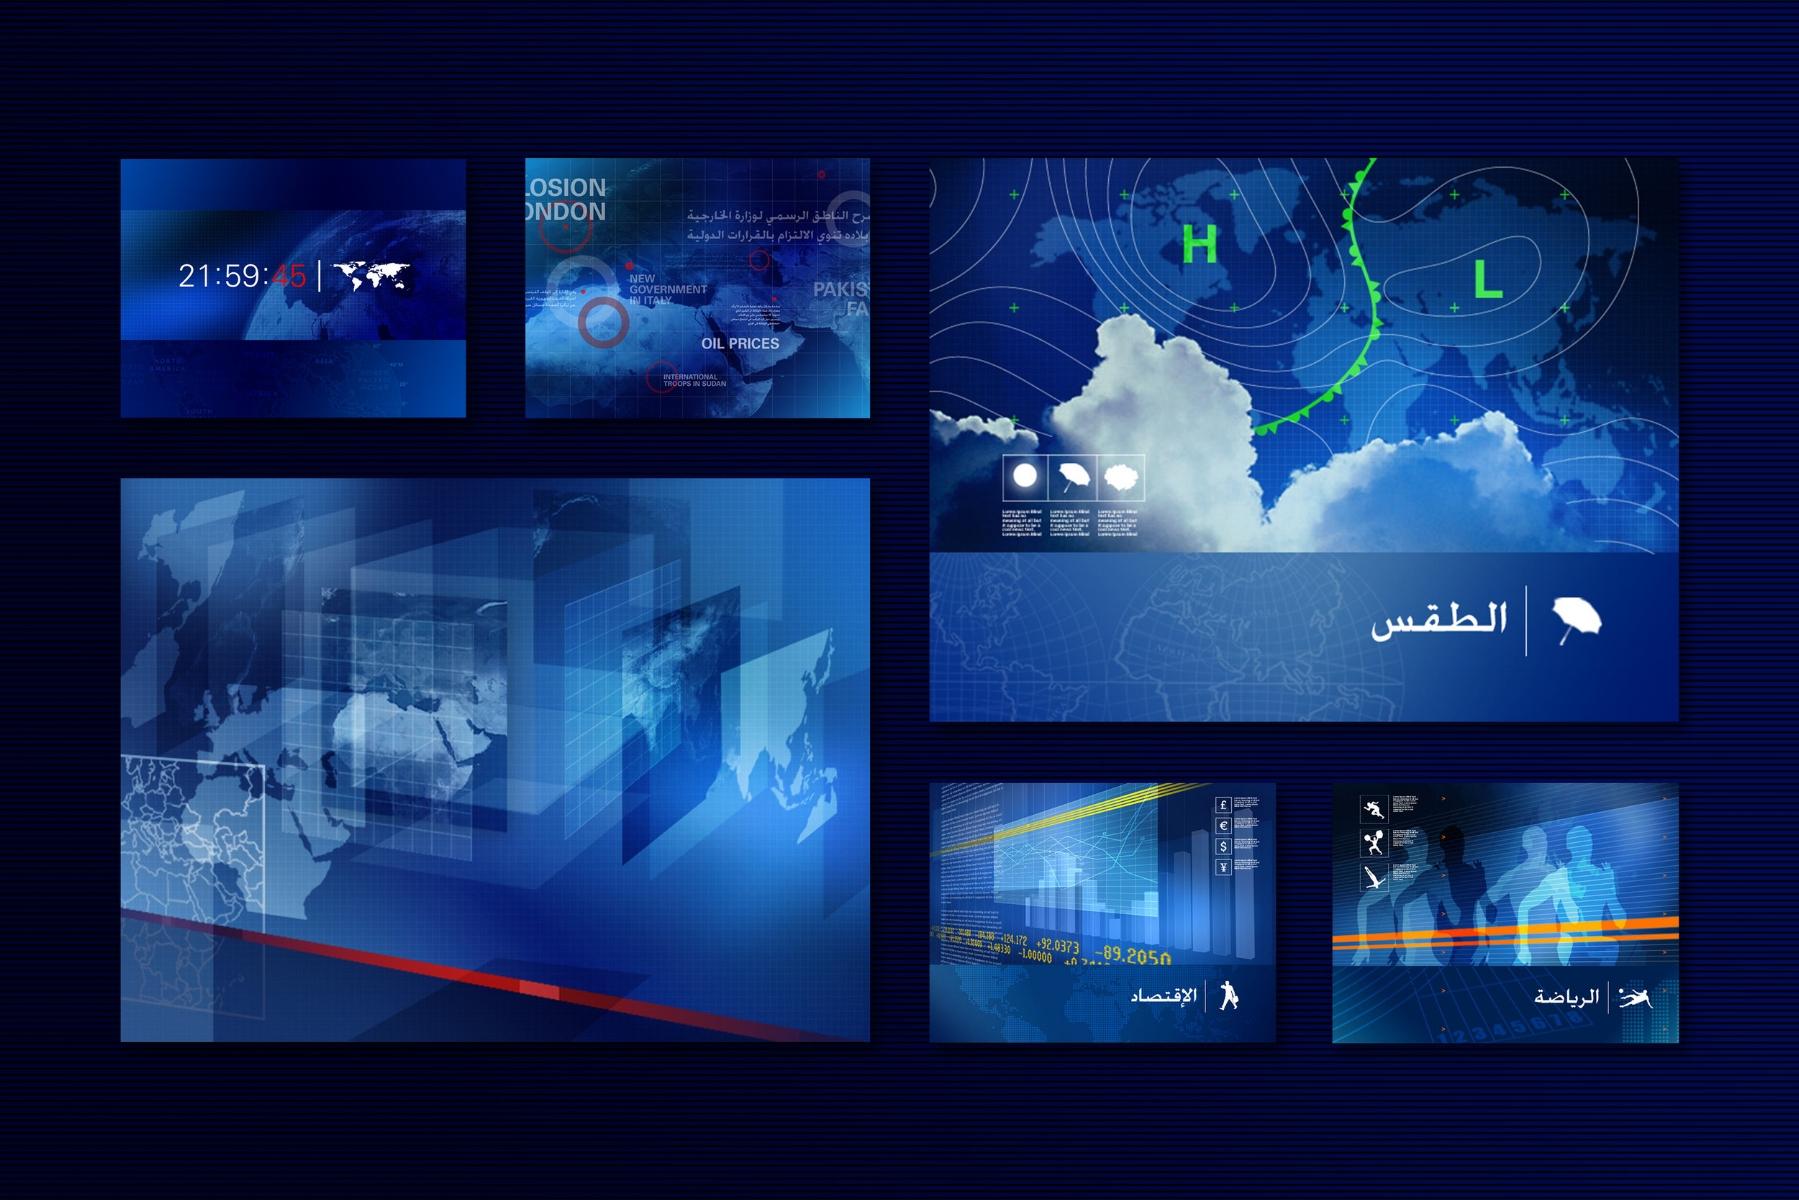 Syrian TV News Identity